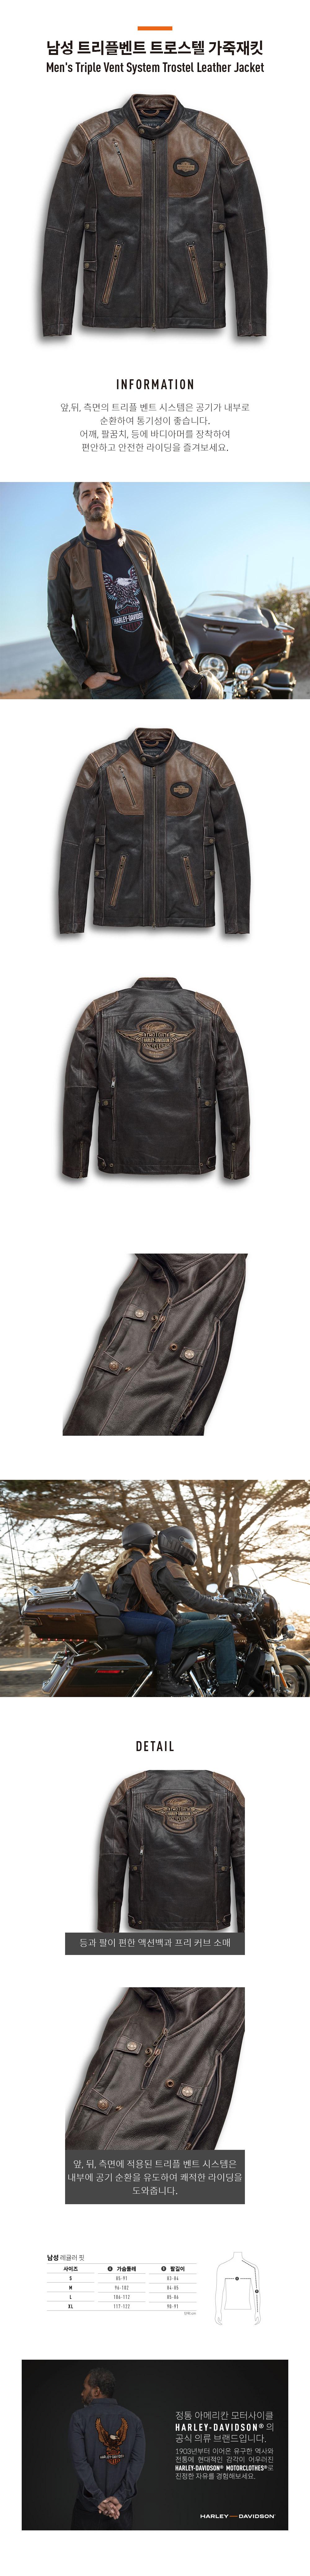 남성 트리플벤트 트로스텔 가죽재킷